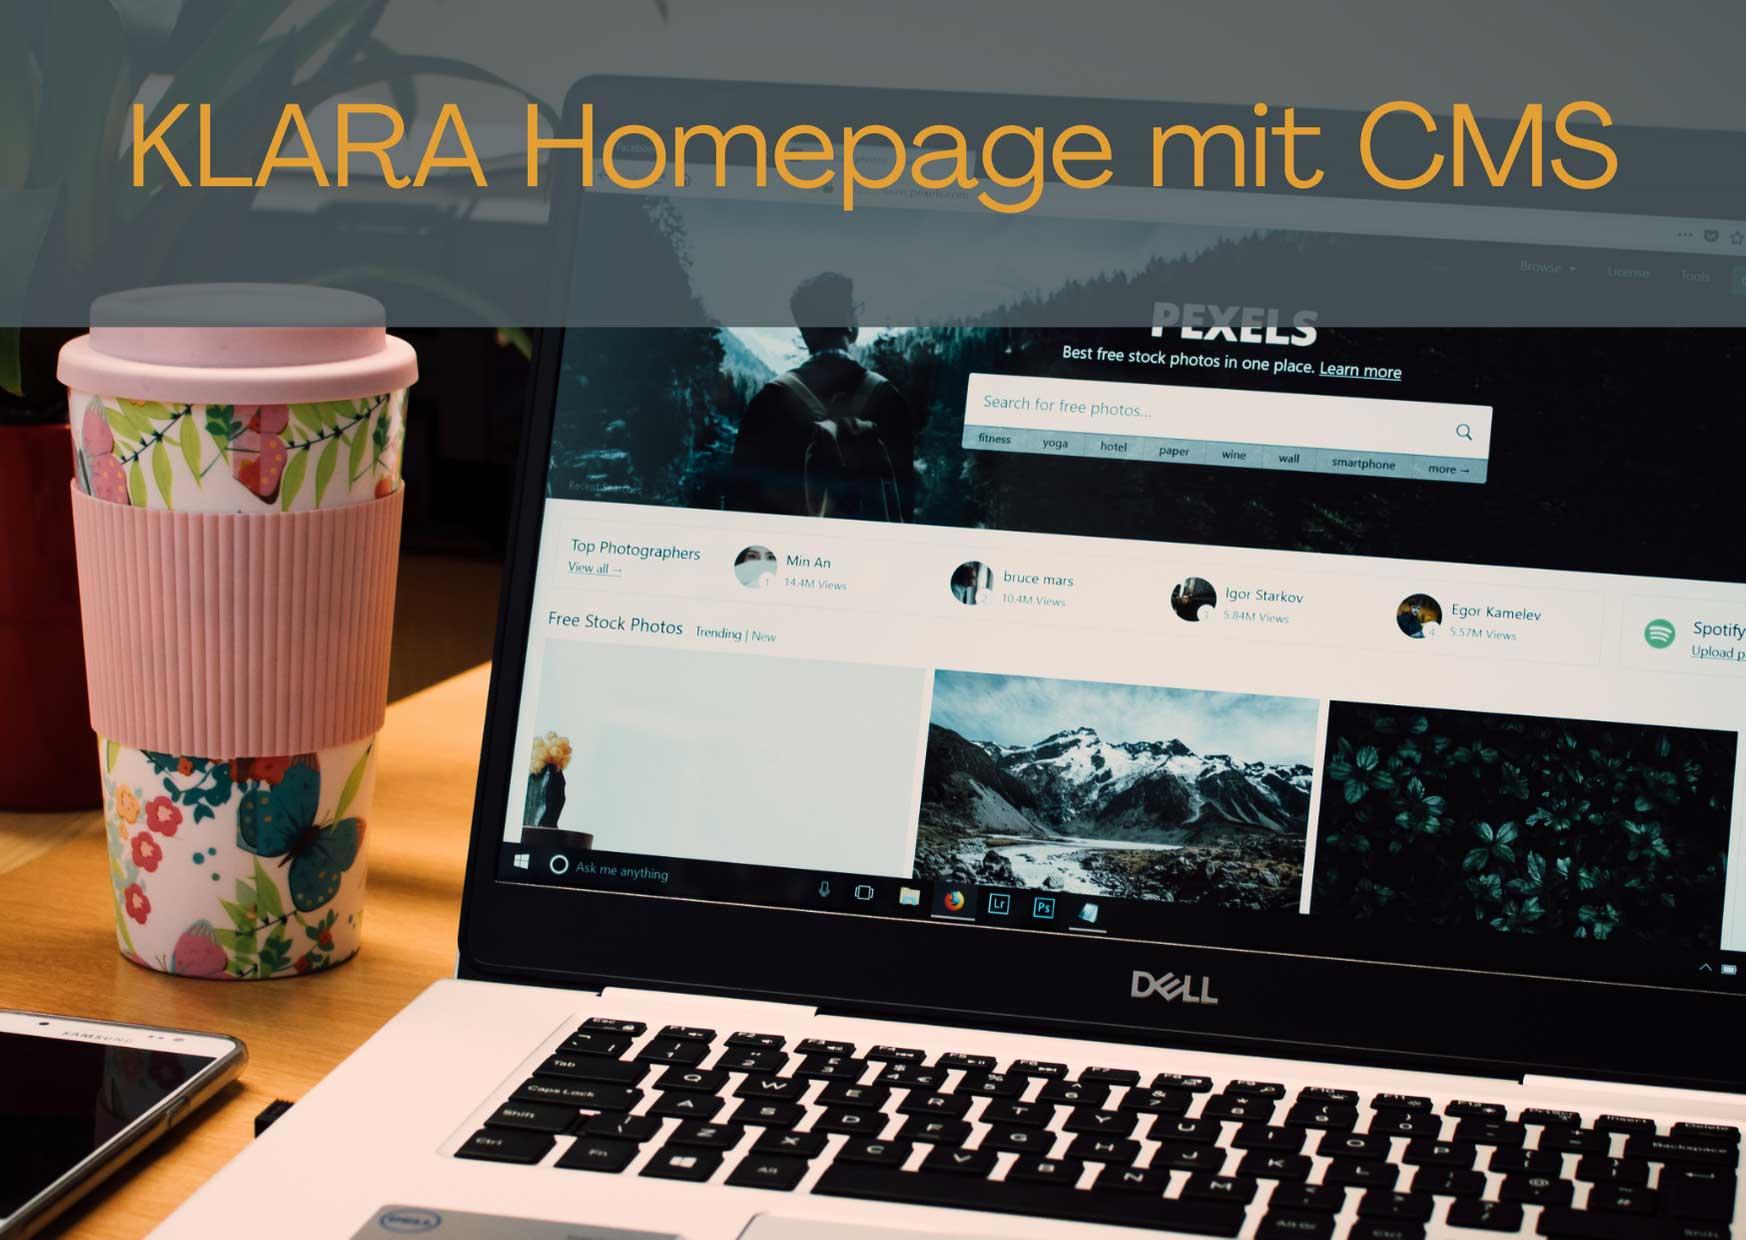 Ihre neue Homepage mit maßgeschneidertem Design UND mit CMS